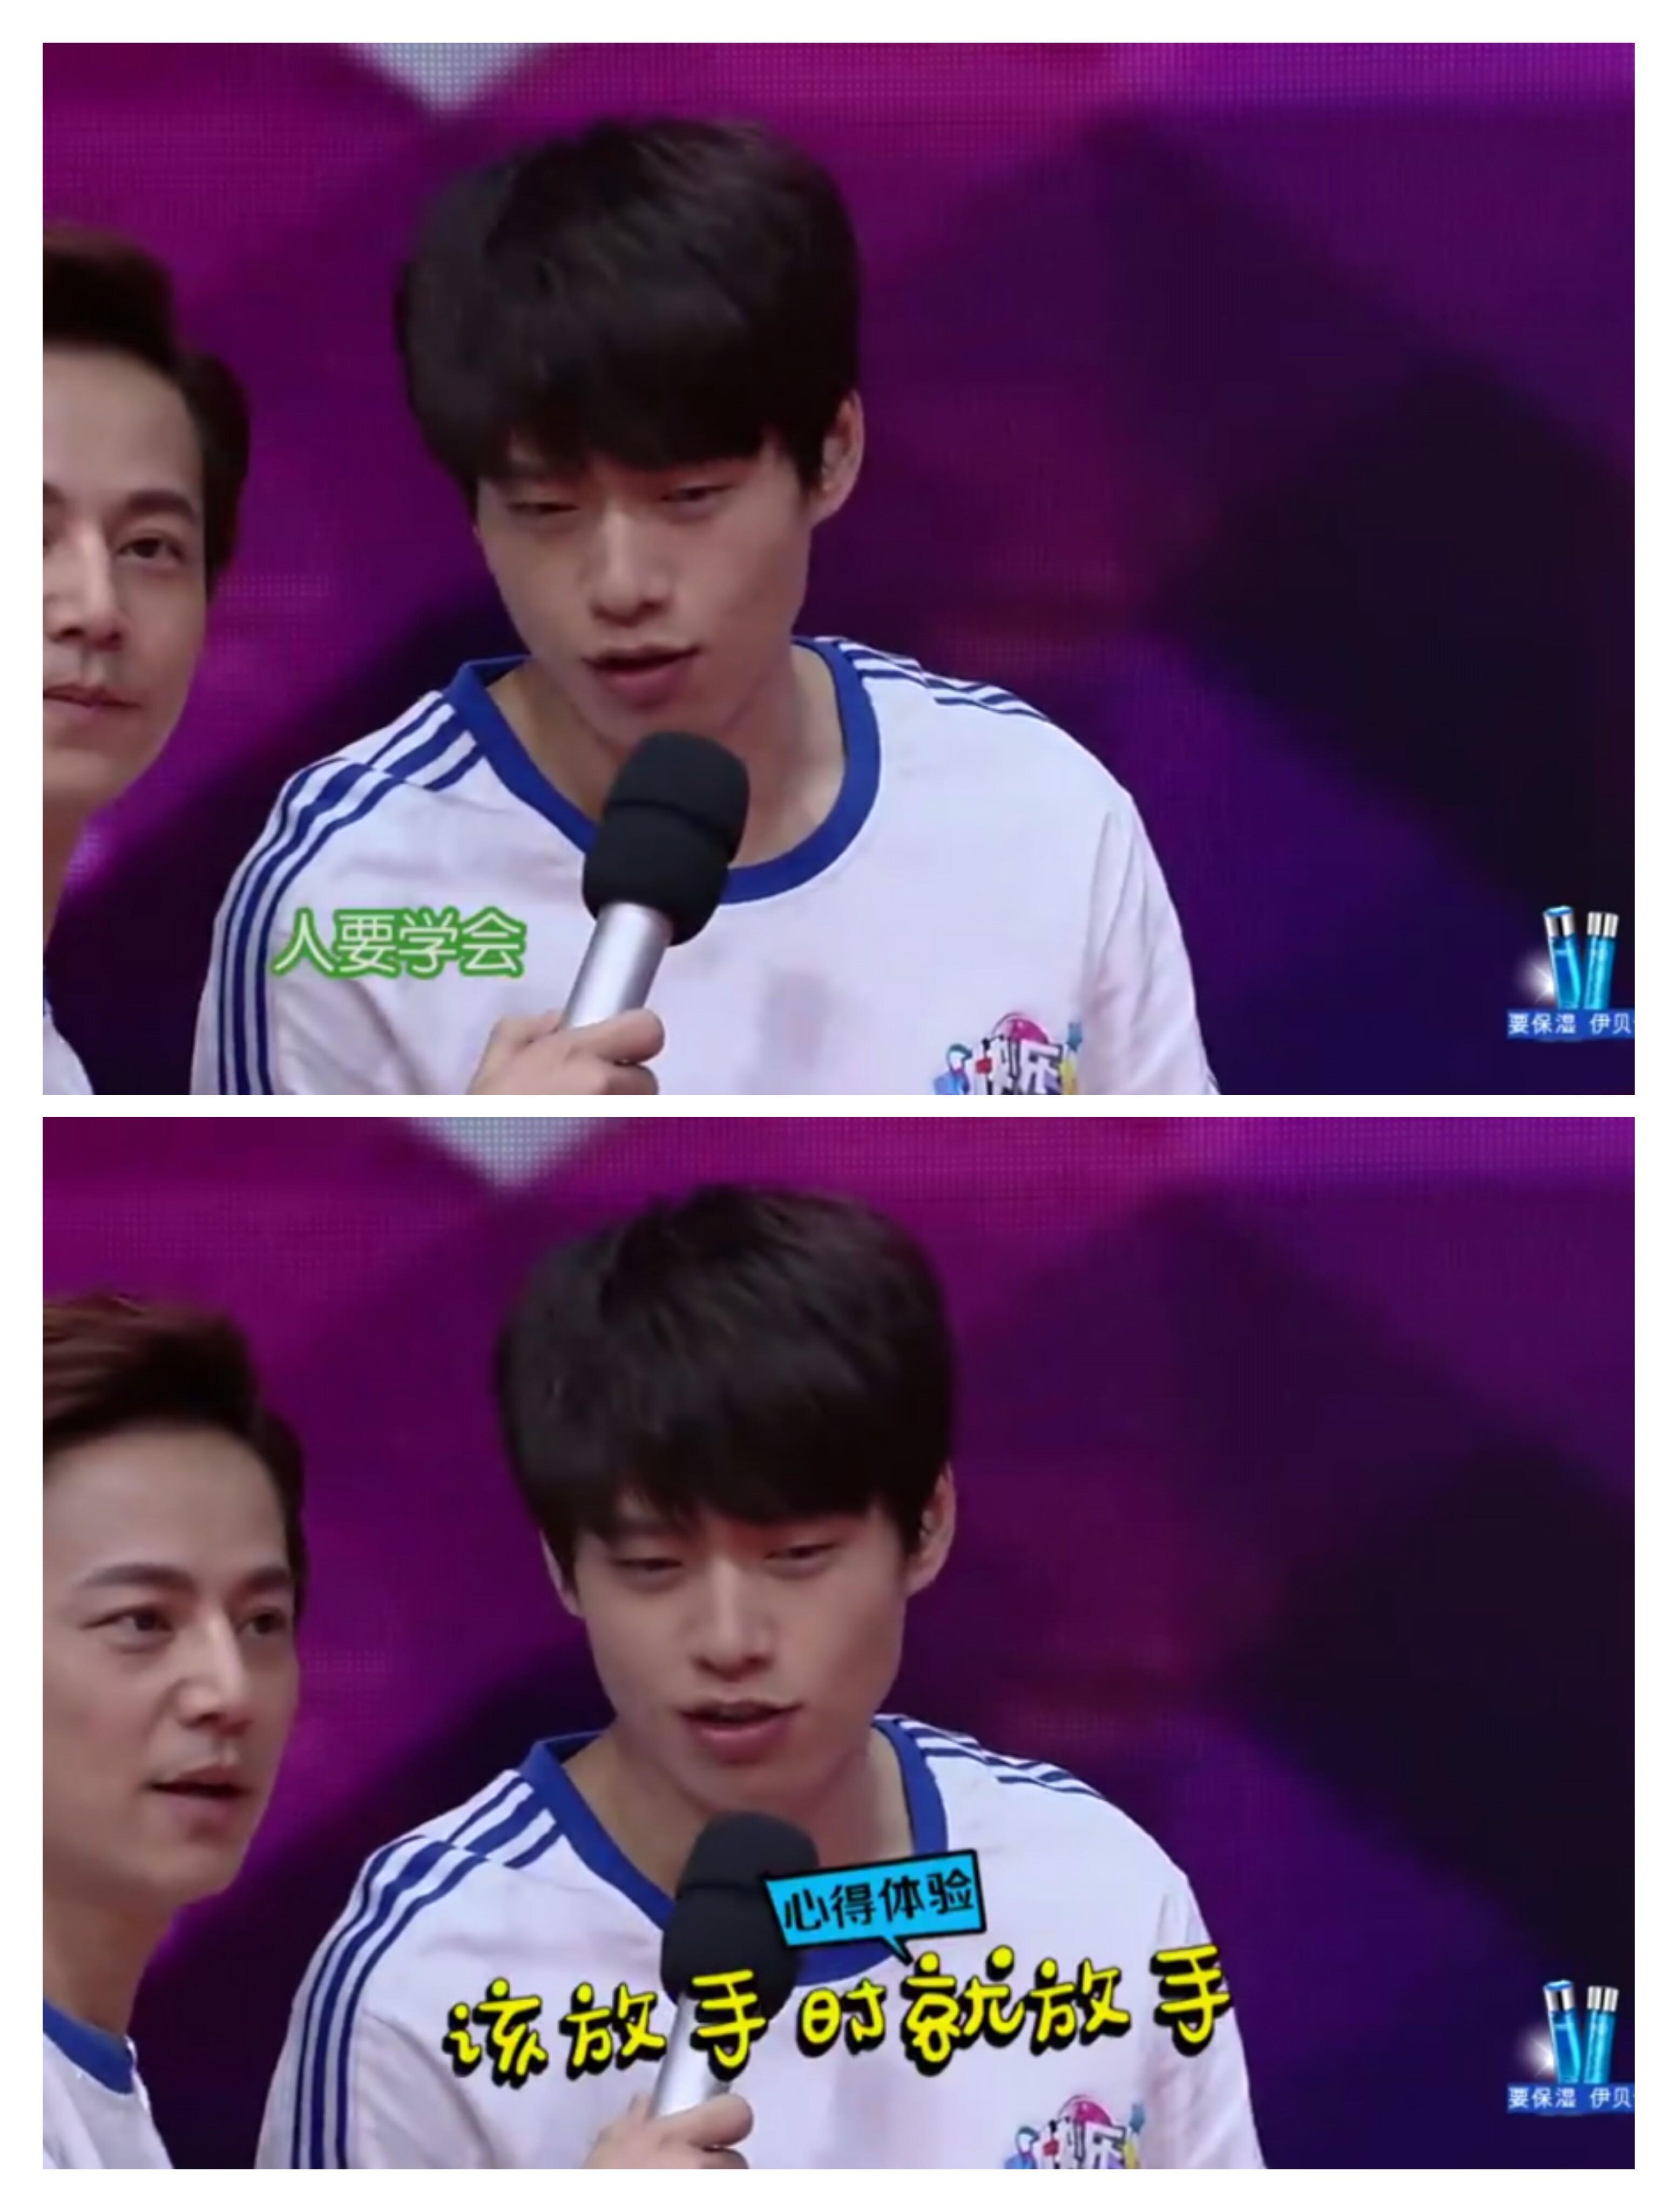 20160402期  嘉宾:陈伟霆,朴海镇,张亮,陈晓,魏大勋,刘芮麟,李现